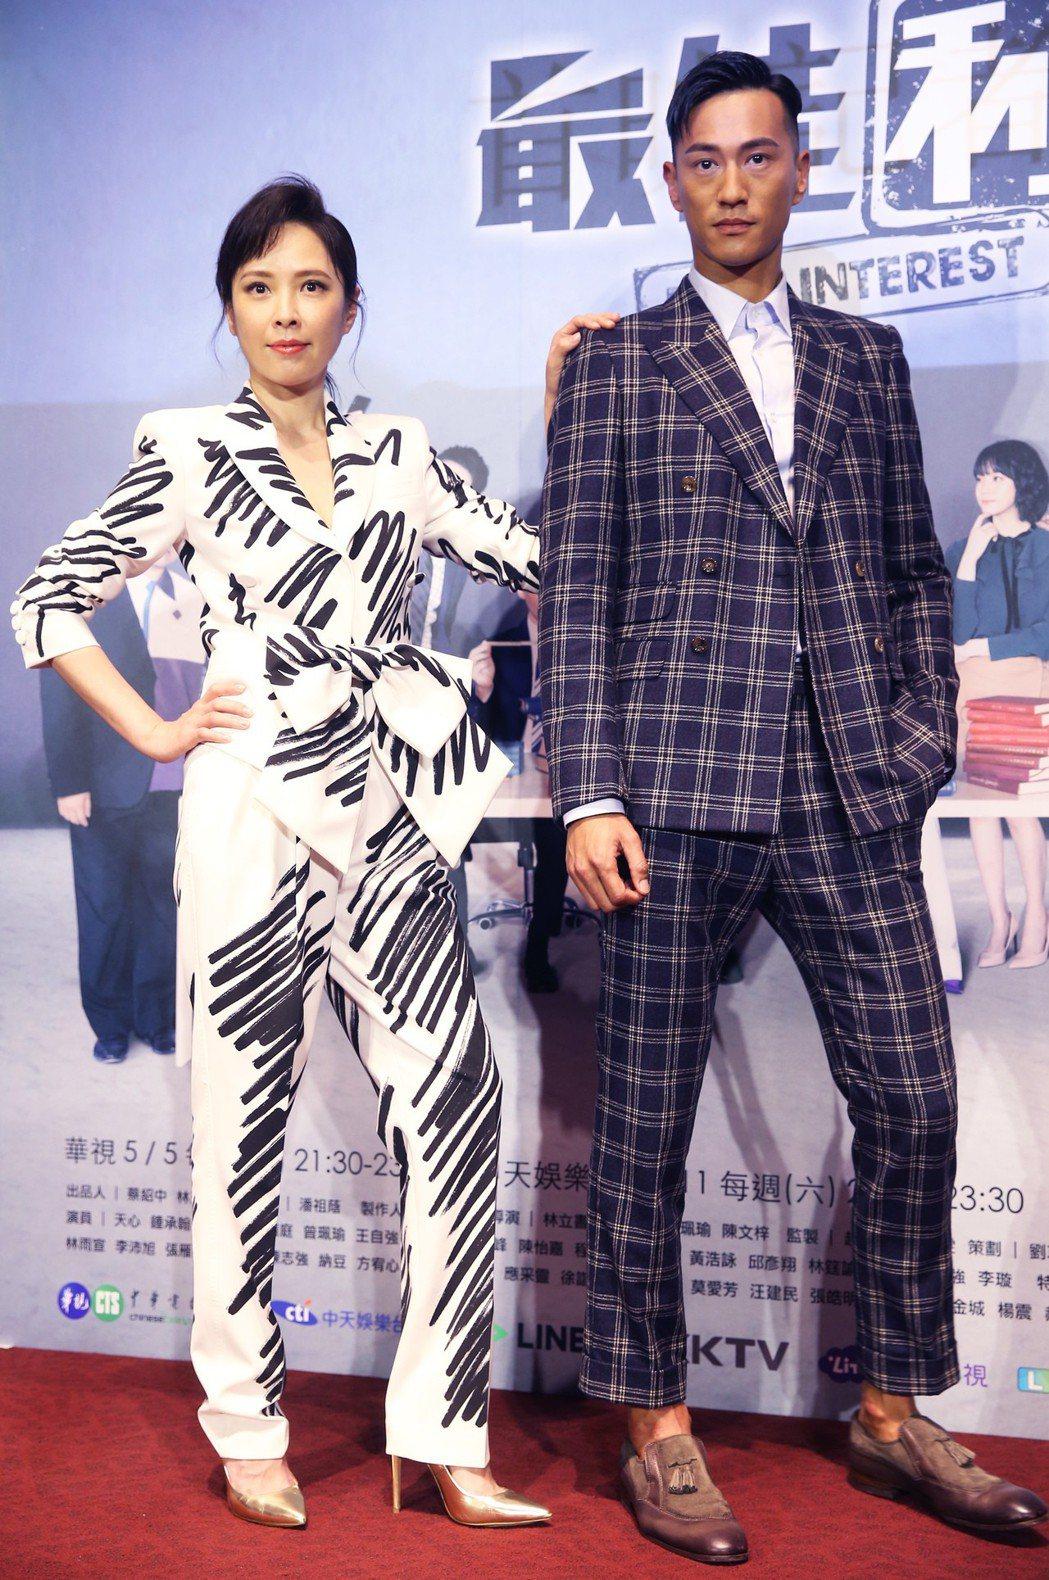 華視、中天最新戲劇《最佳利益》在台北華山光點舉行首映記者會,主要演員鍾承翰(右)...